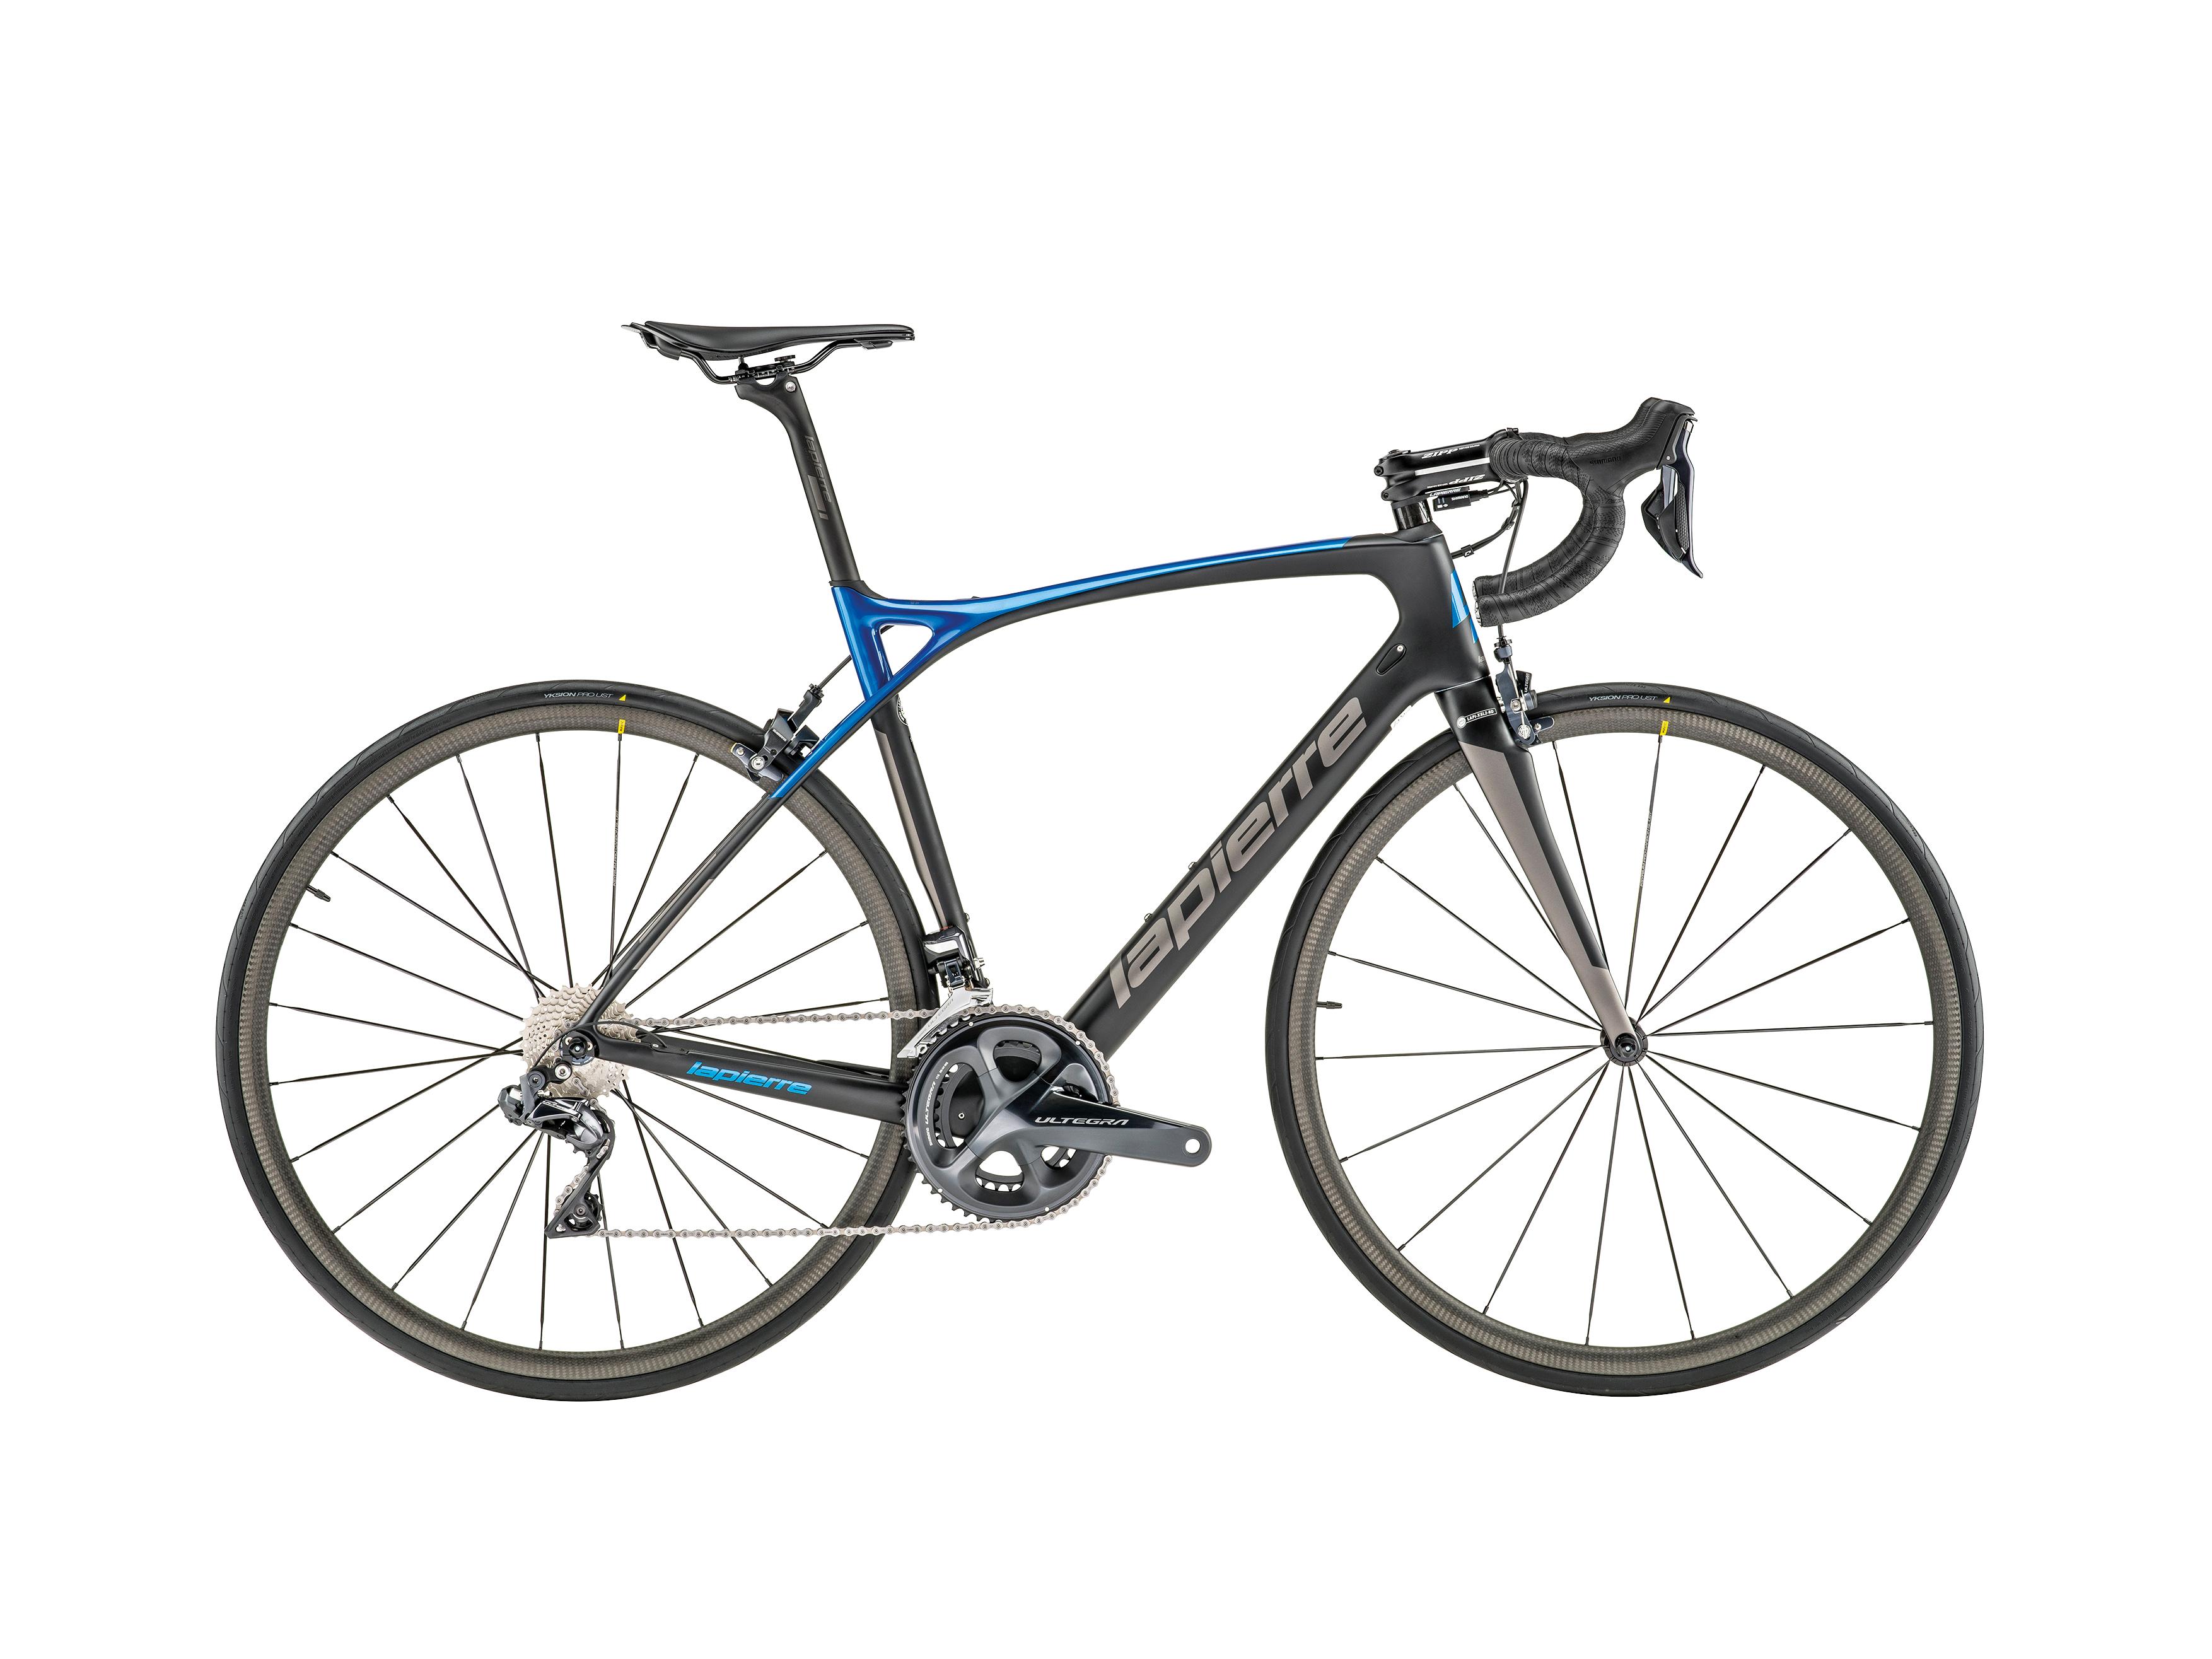 Bicykel LAPIERRE XELIUS SL2 700 2019